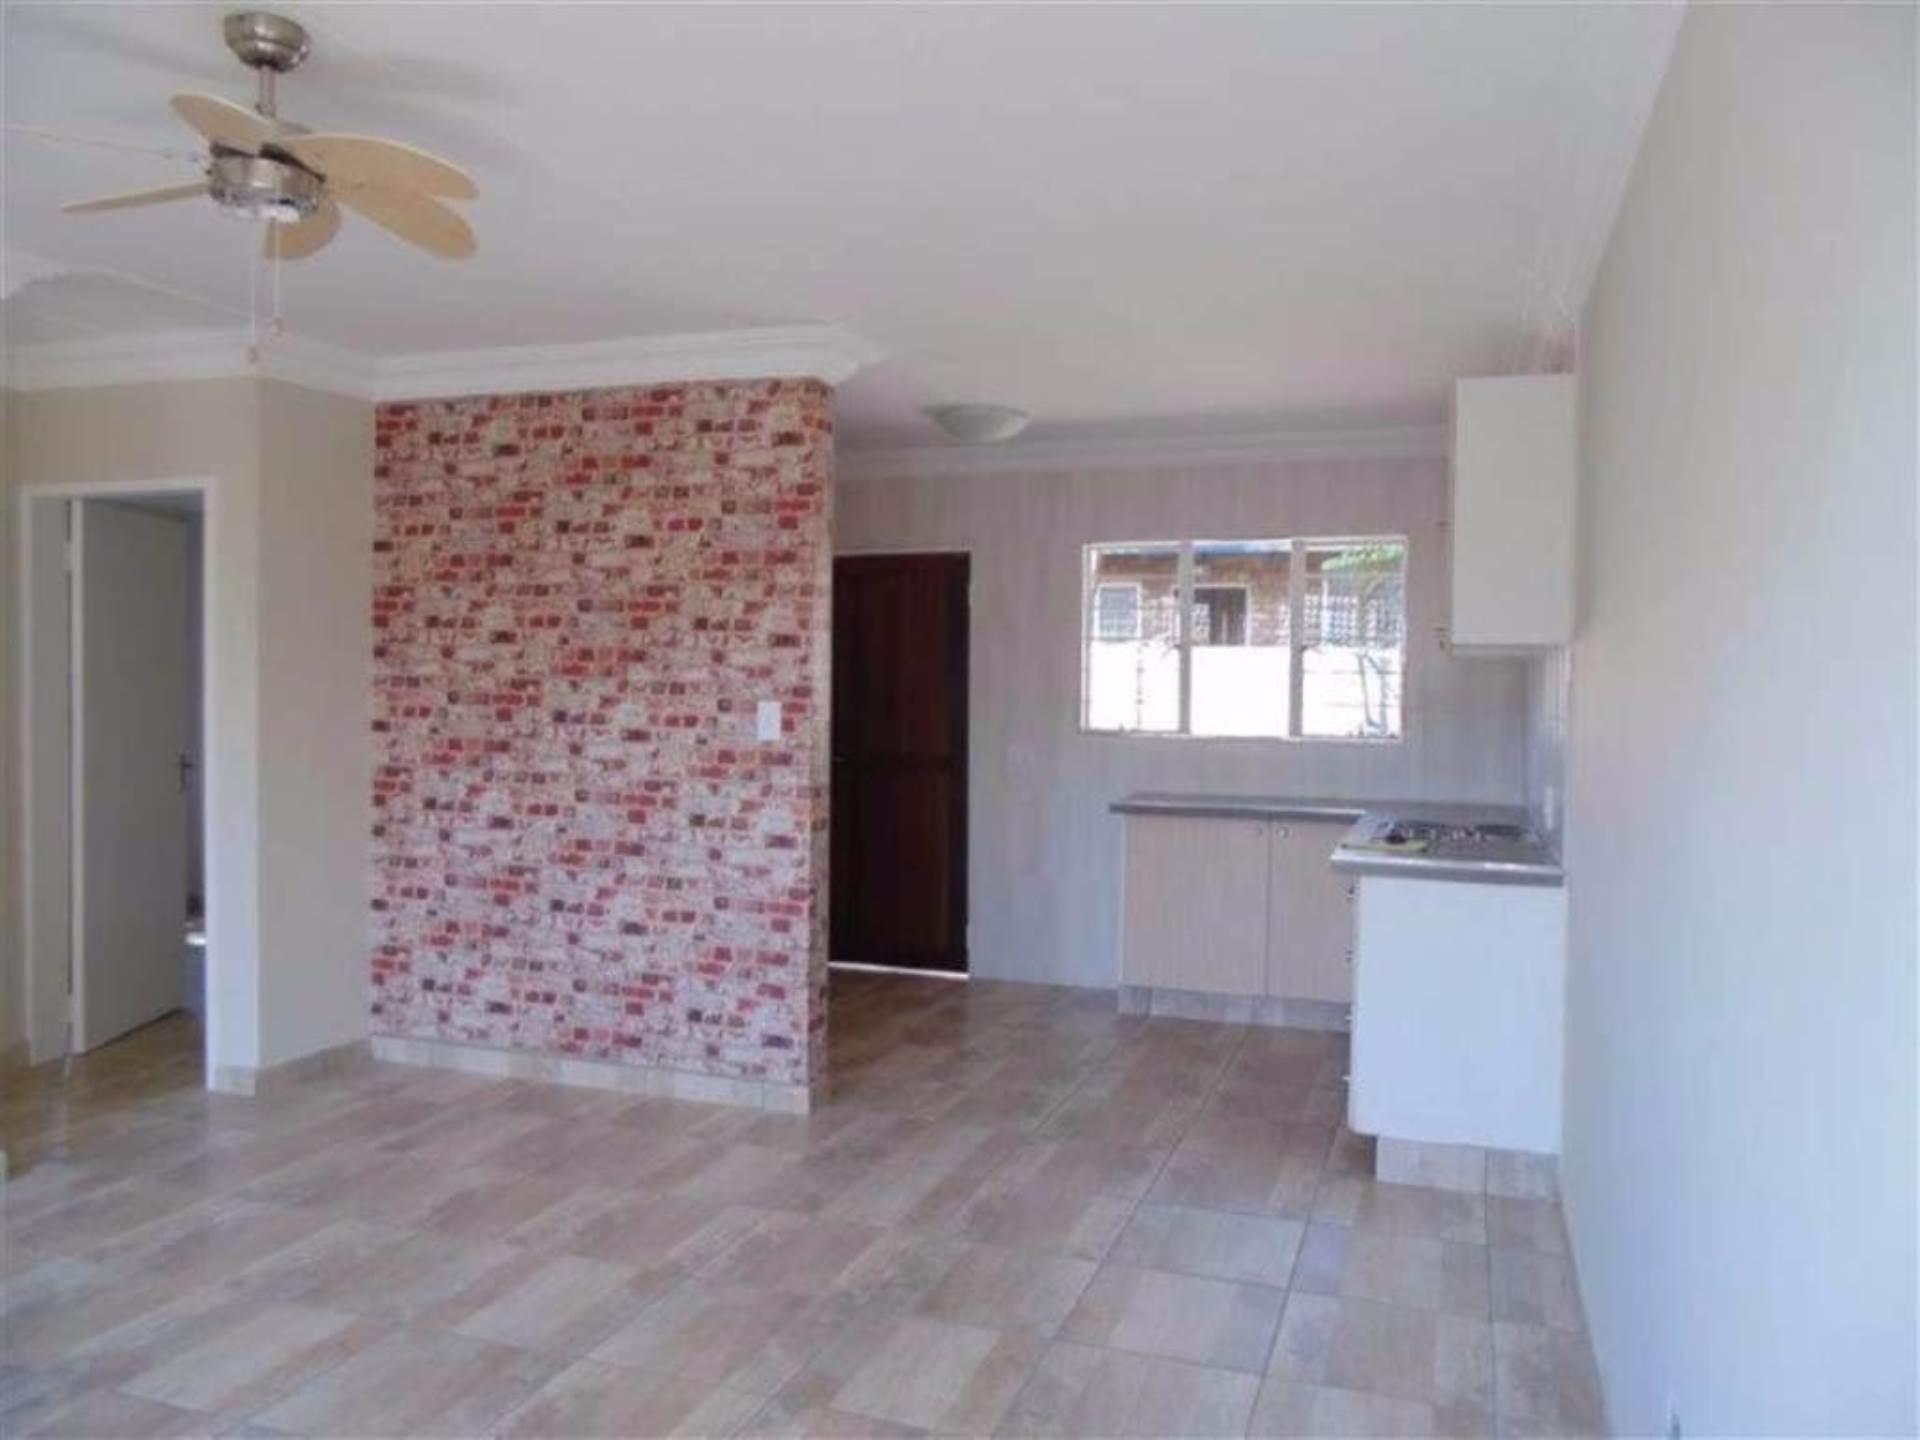 , Townhouse, 2 Bedrooms - ZAR 870,000